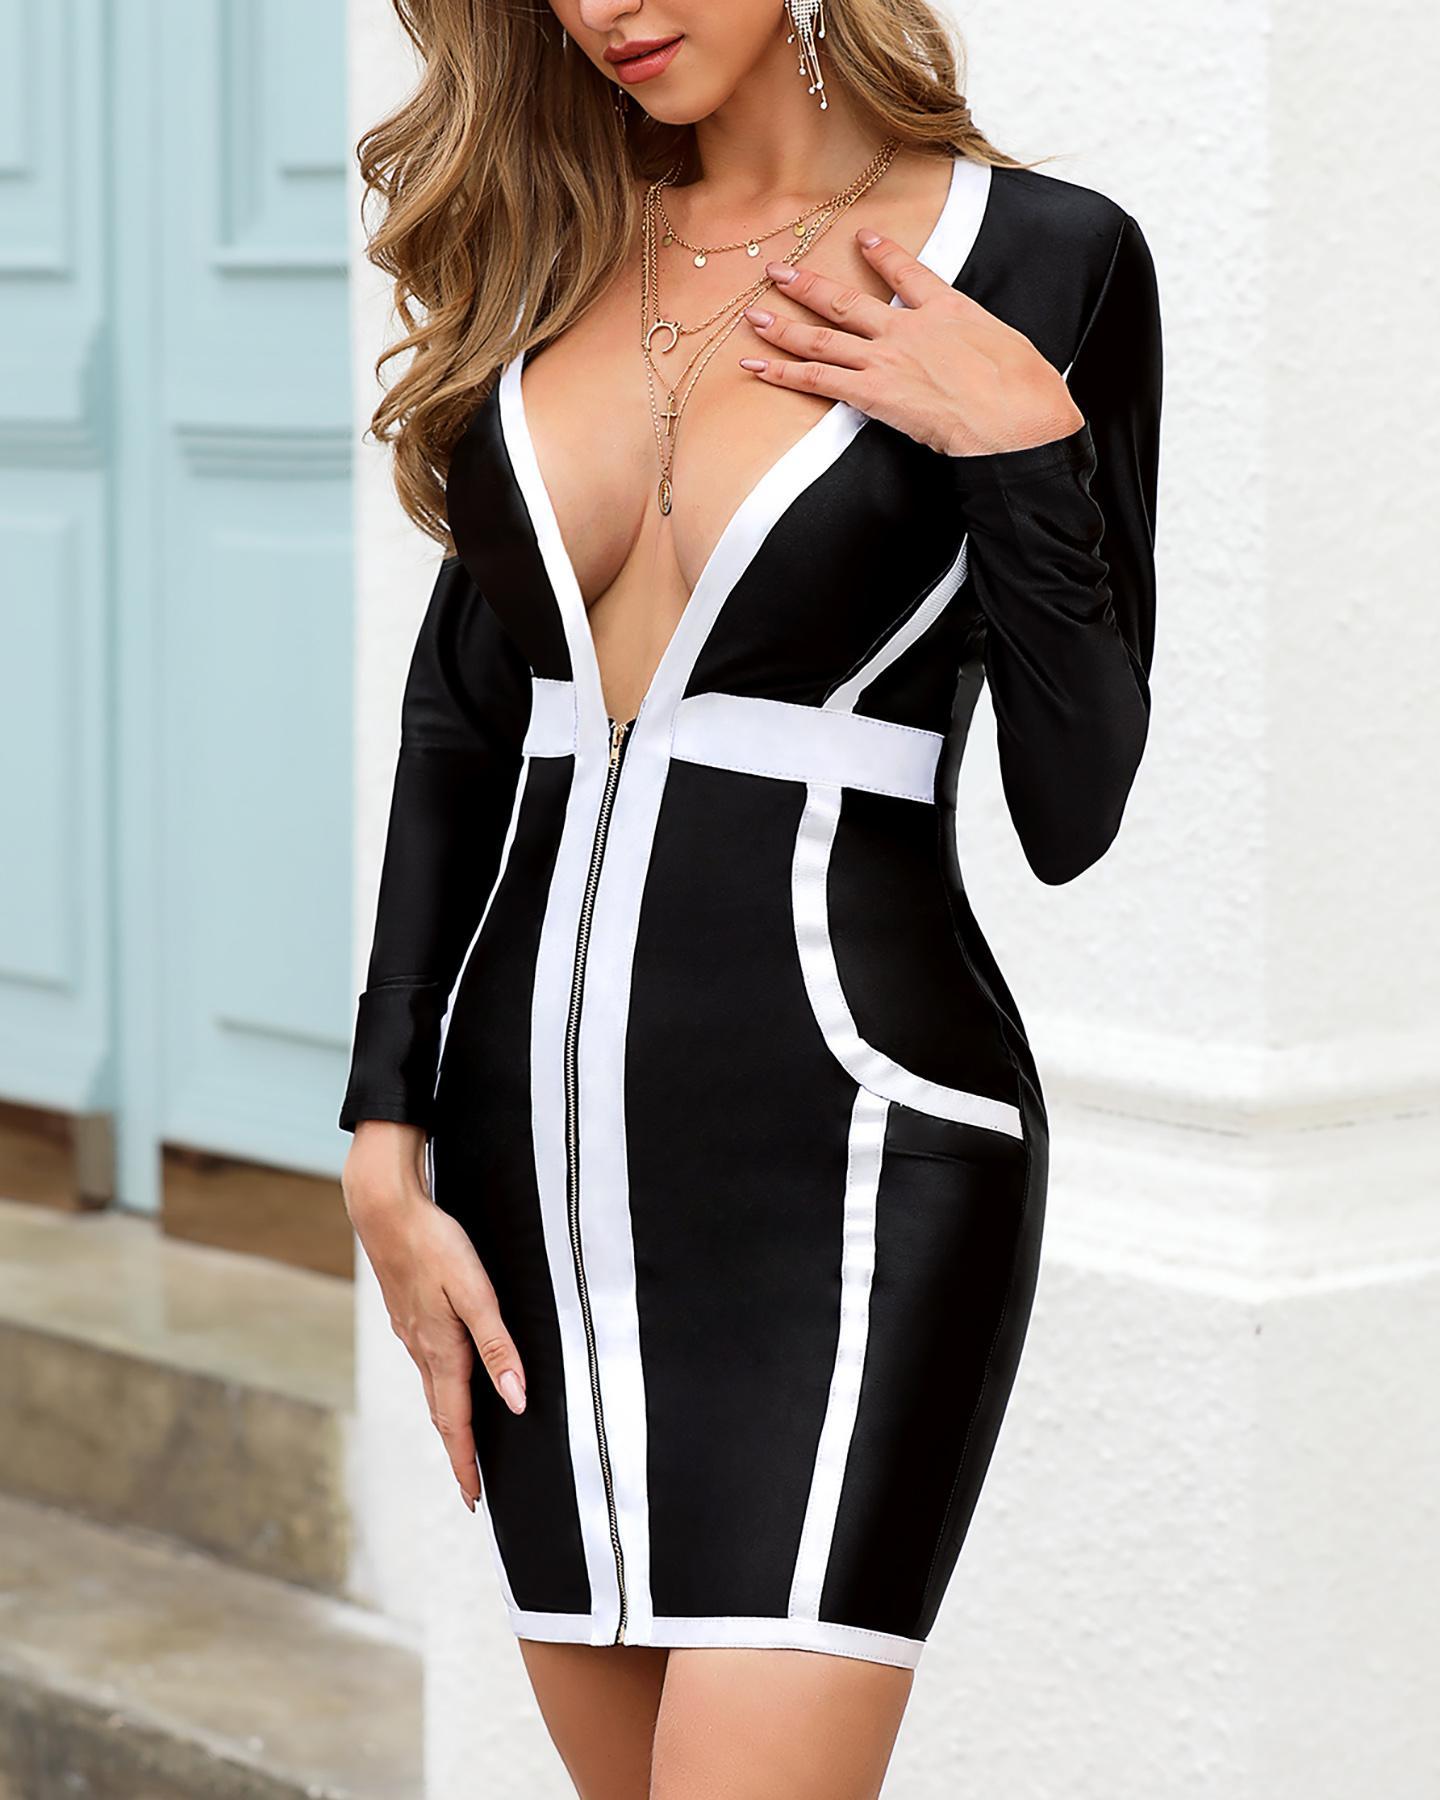 Deep V-Neck Contrast Color Zipper Bandage Dress фото